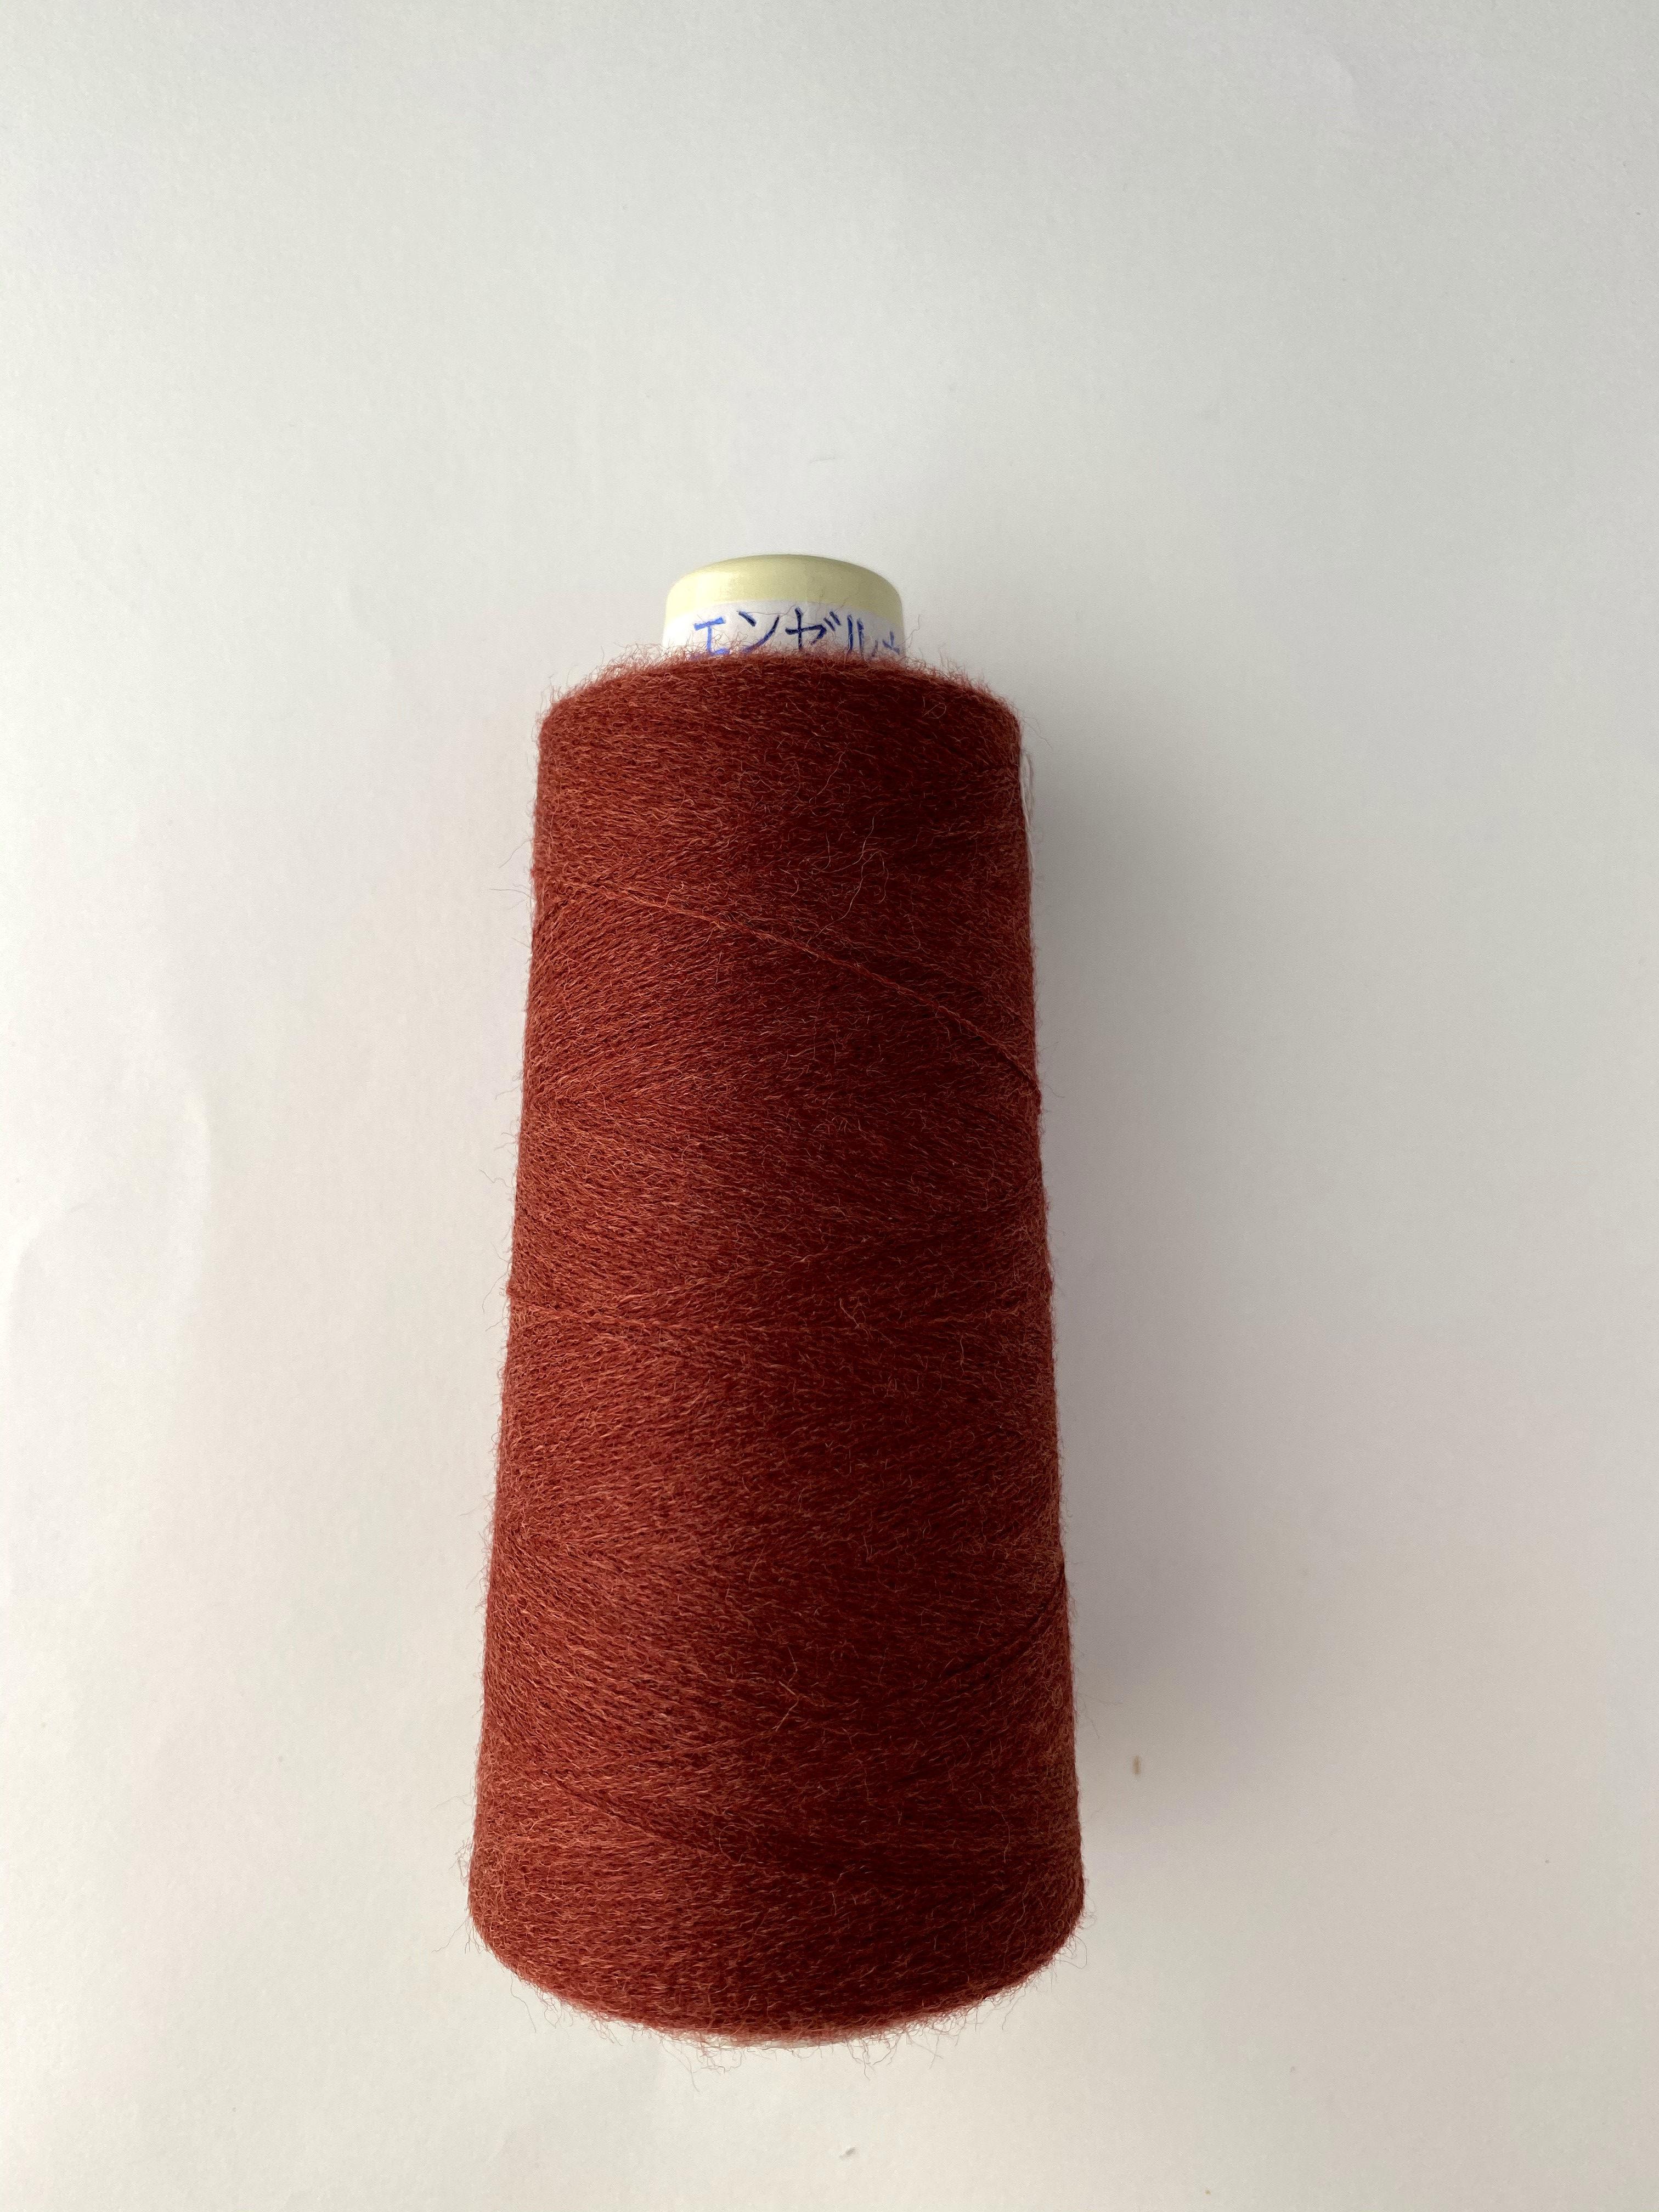 フィールソフト(片染め杢カラー) 1250m <1419/赤茶>